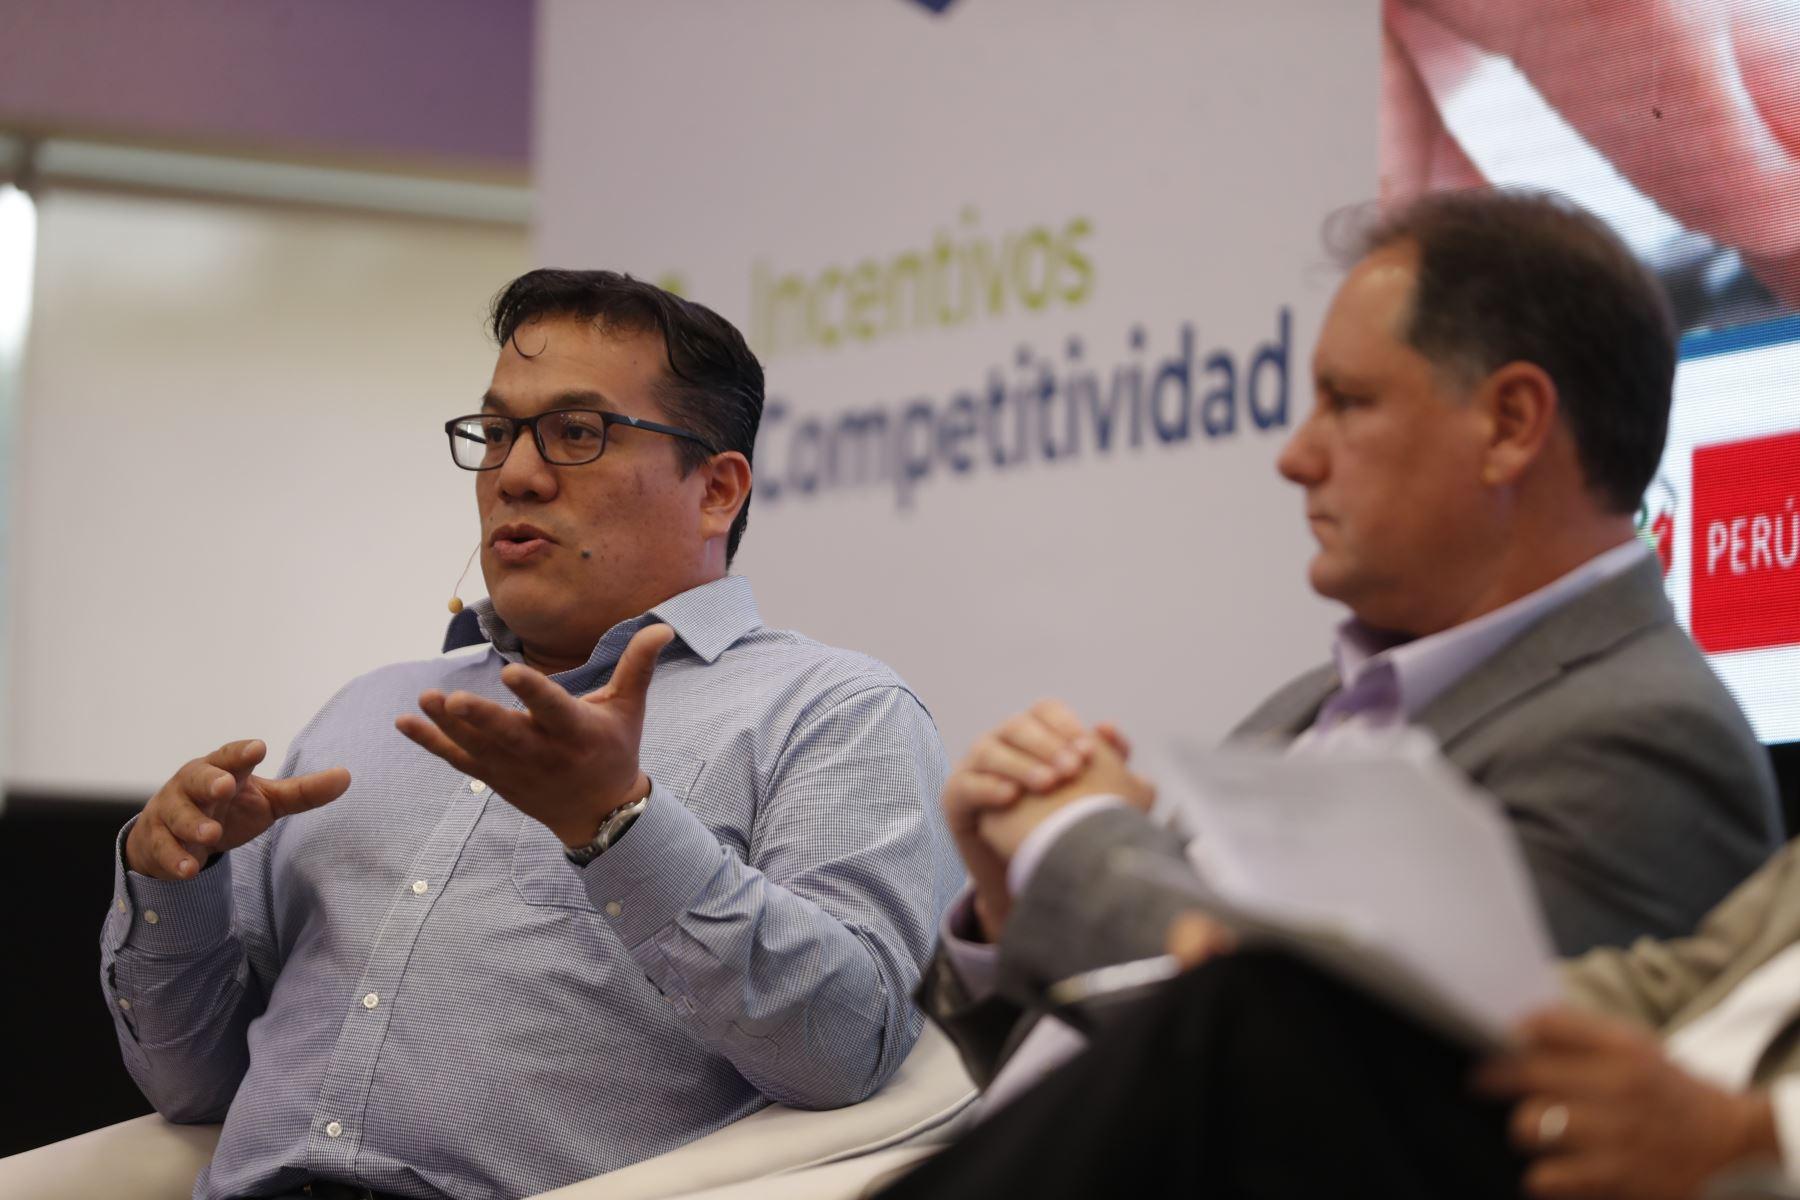 Sergio Rodríguez Soria, director ejecutivo del Instituto Tecnológico de la Producción. Foto: ANDINA/Renato Pajuelo